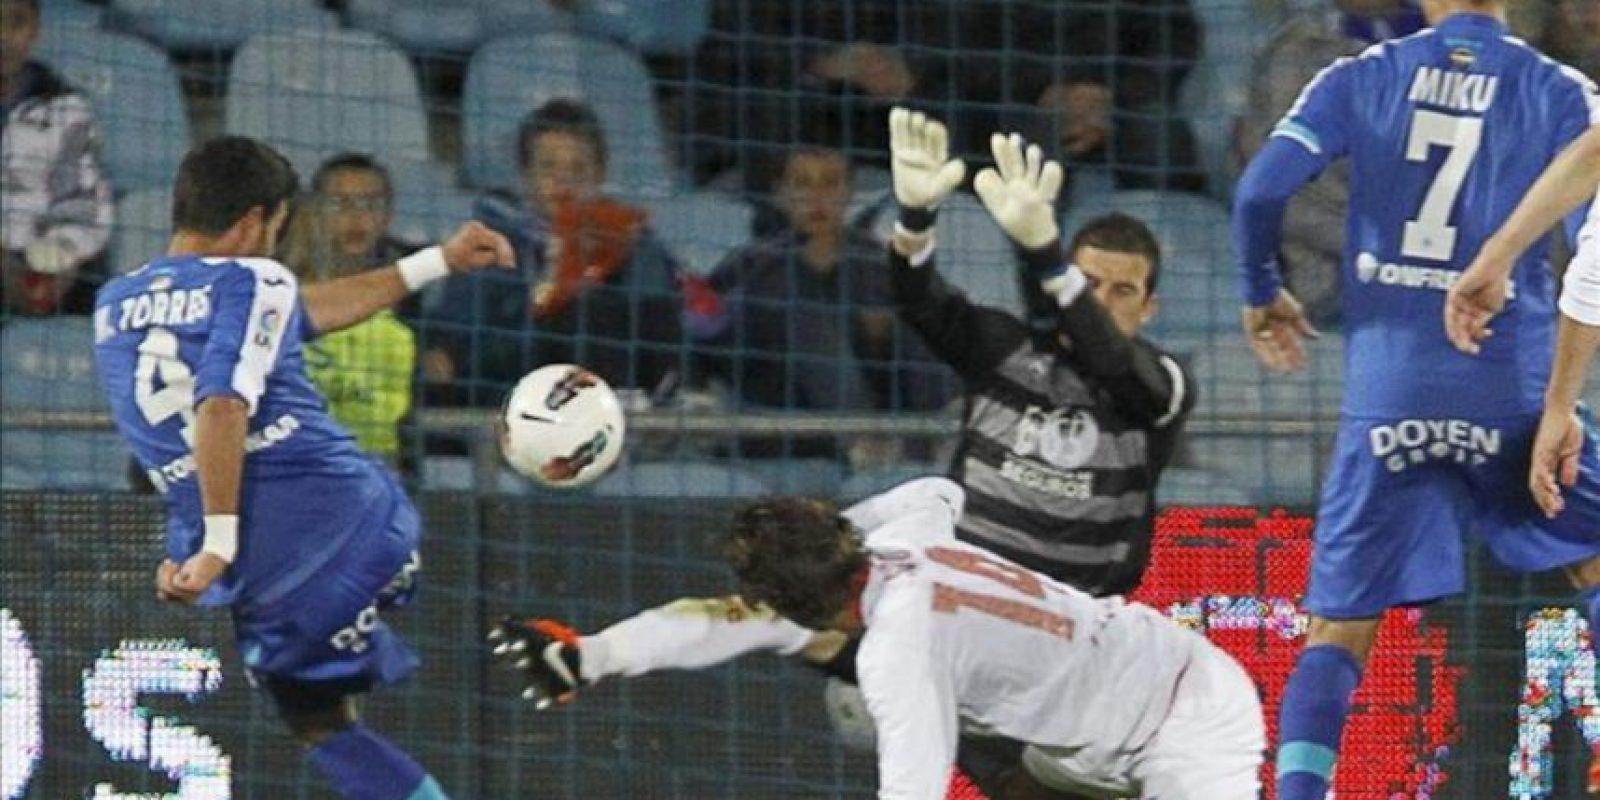 El defensa del Getafe Miguel Torres (i) consigue el primer gol de su equipo ante el Sevilla, durante el partido correspondiente a la trigésima cuarta jornada de Liga en Primera División en el Coliseum Alfonso Pérez. EFE